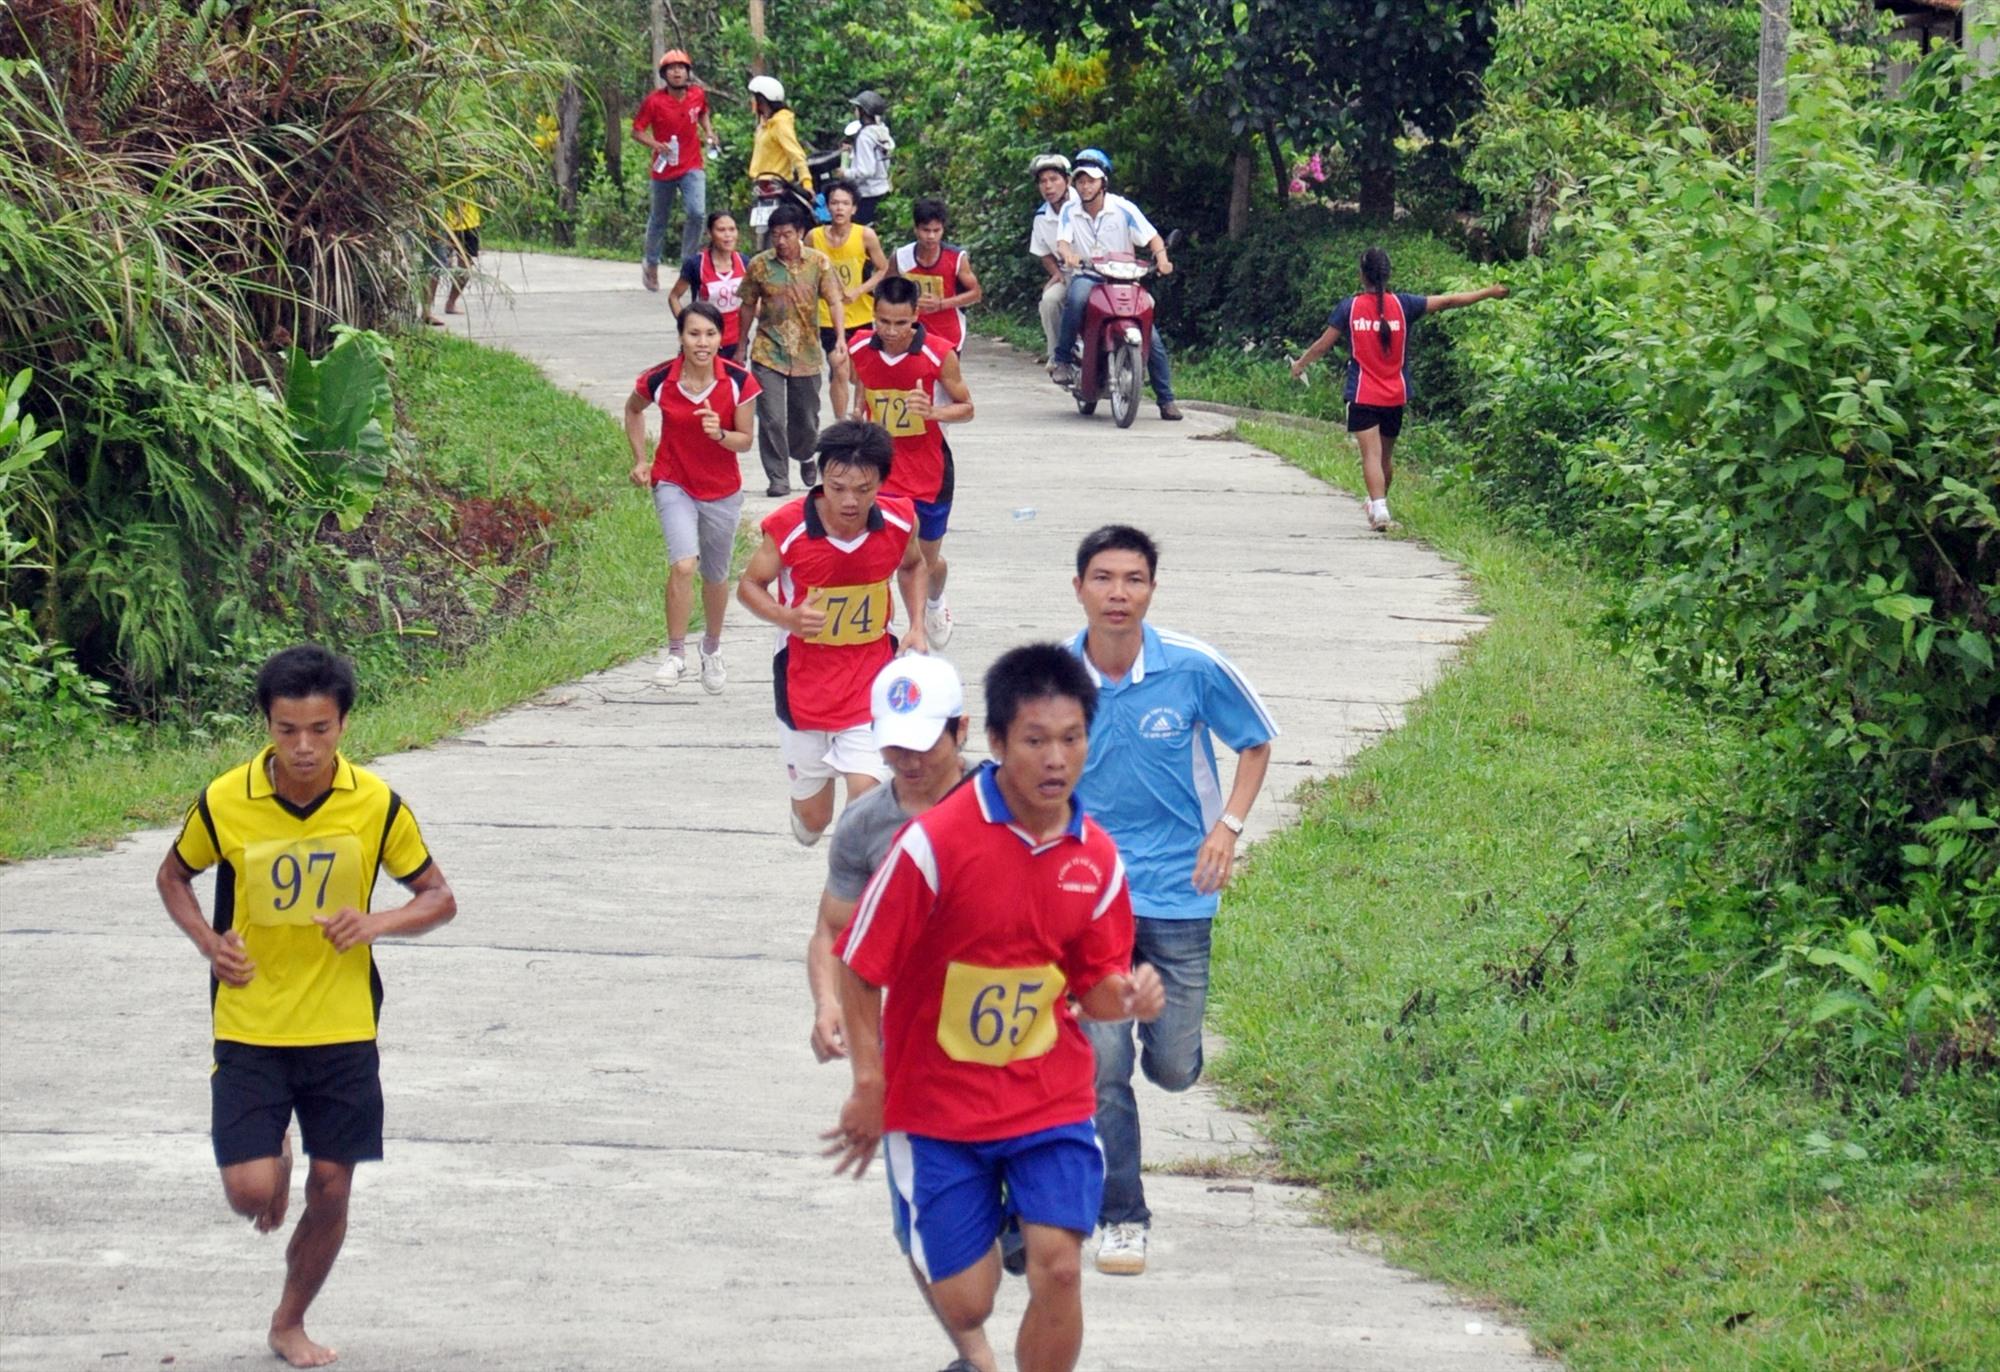 Các vận động viên thi đấu môn Việt dã leo núi ở hội thi lần thứ nhất. Ảnh: NGỌC ÁNH